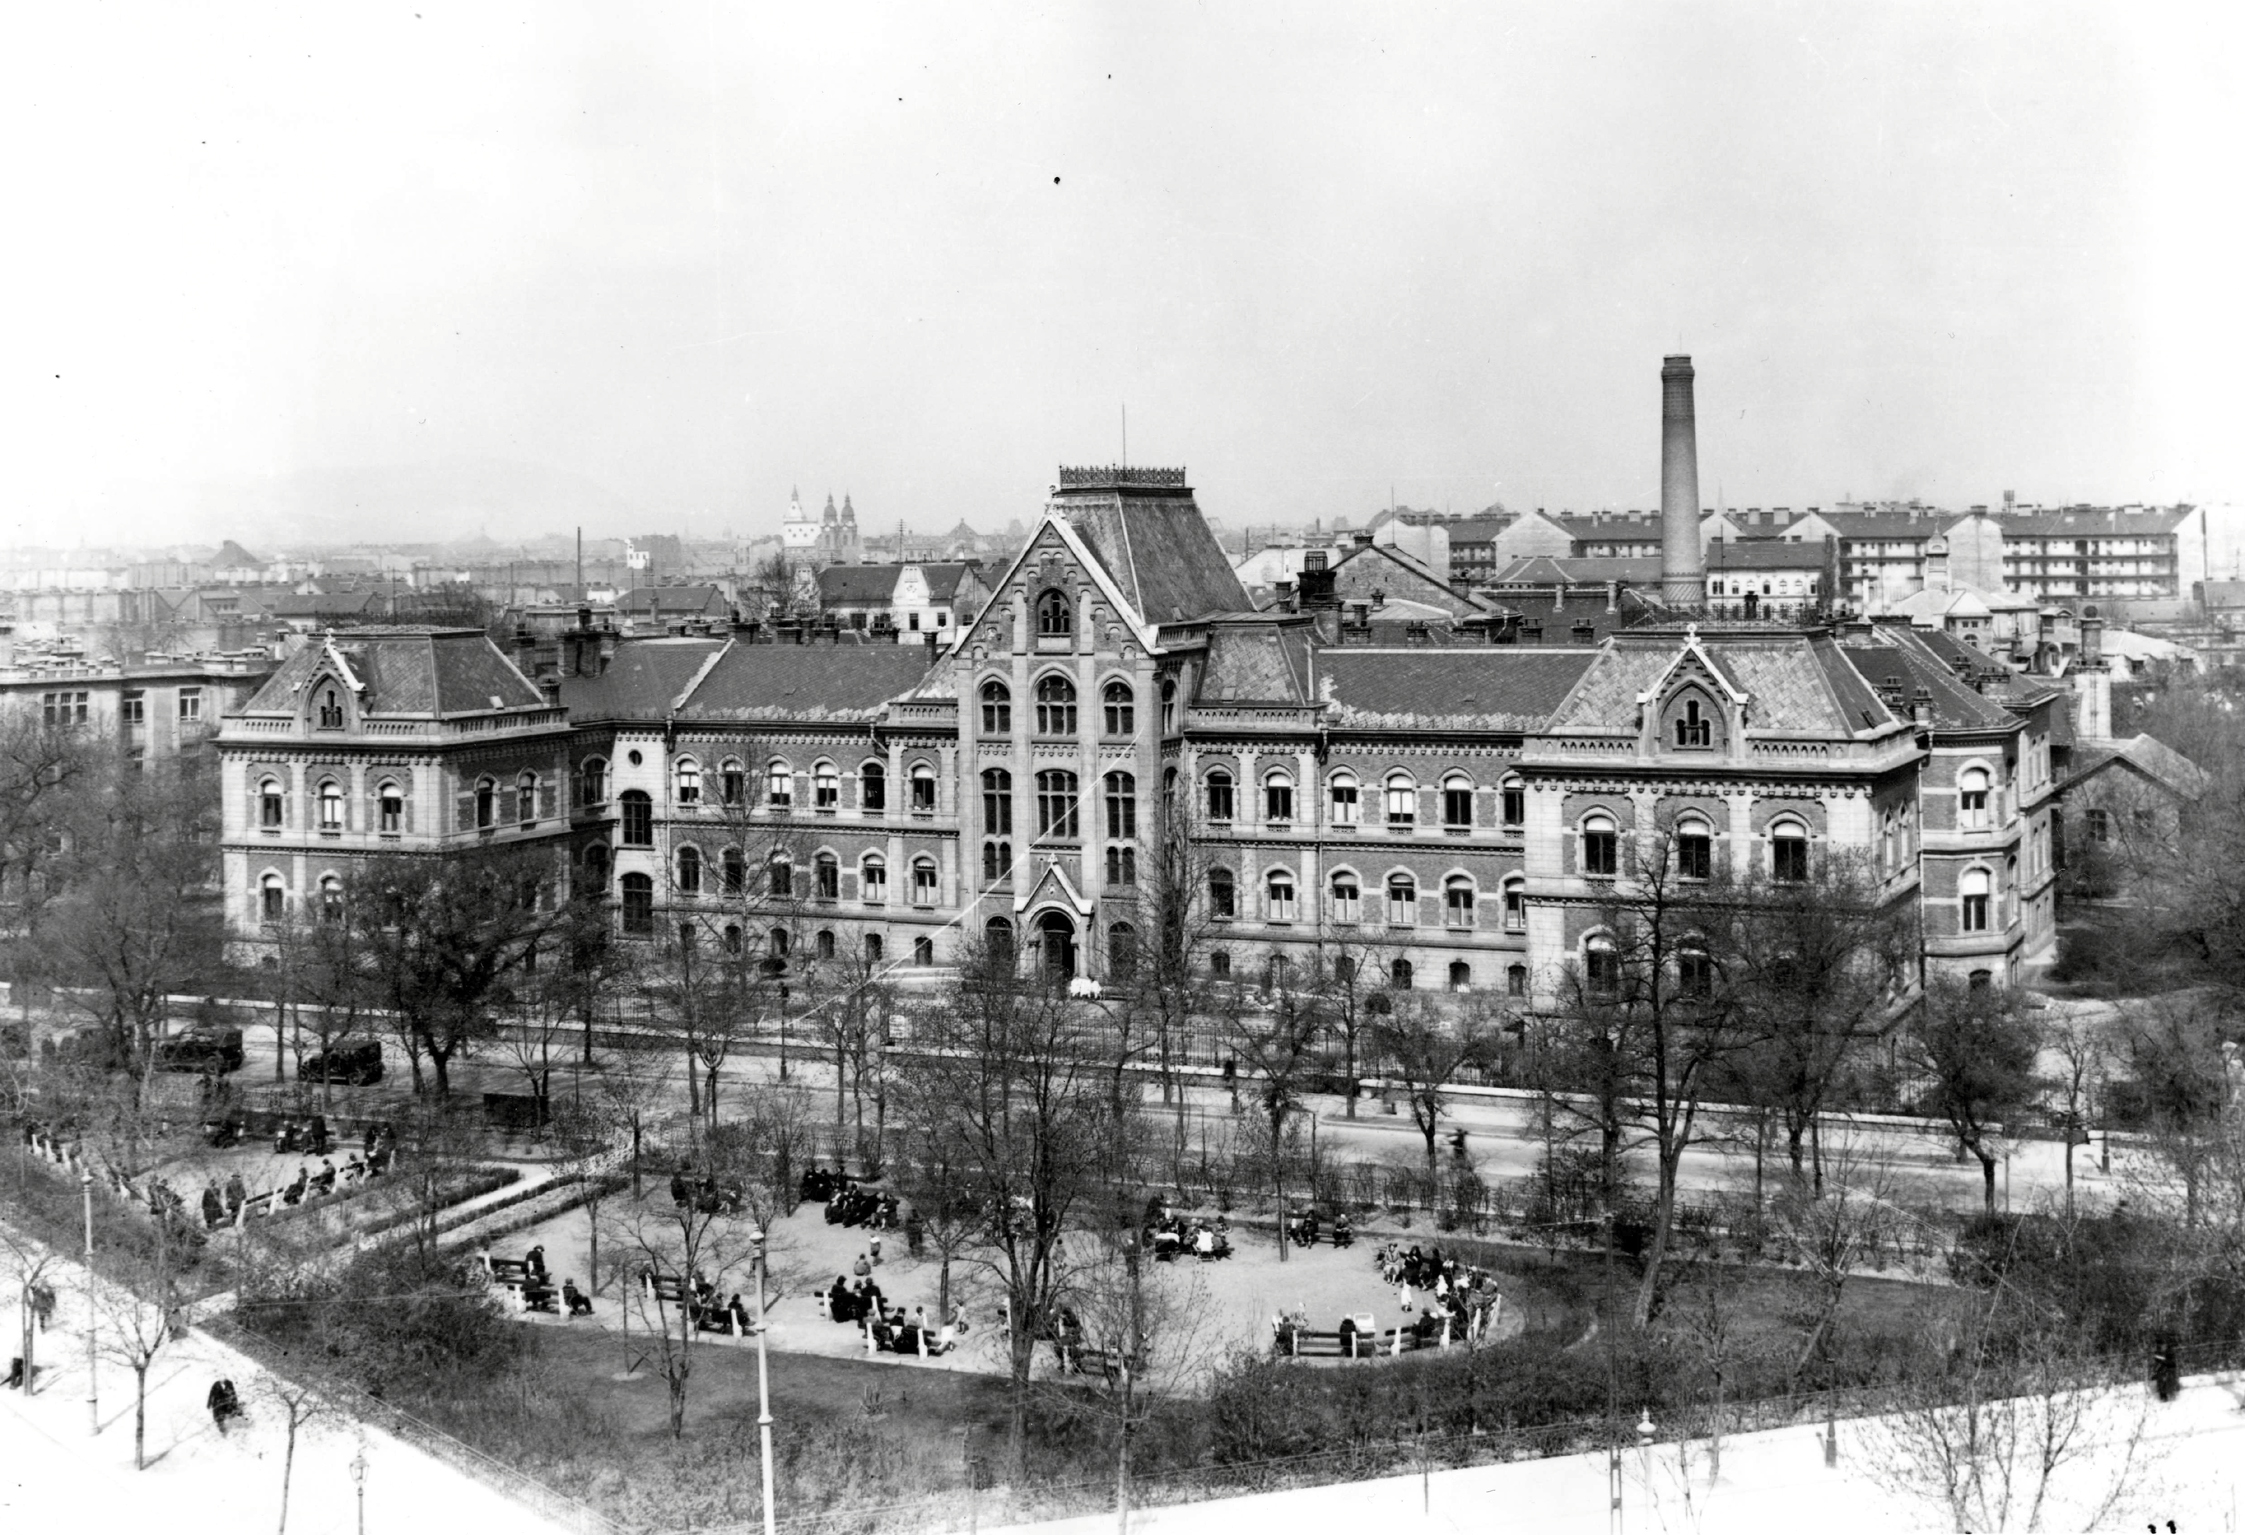 II. Sz. Szülészeti és Nőgyógyászati Klinika egykori épülete az 1930-as években